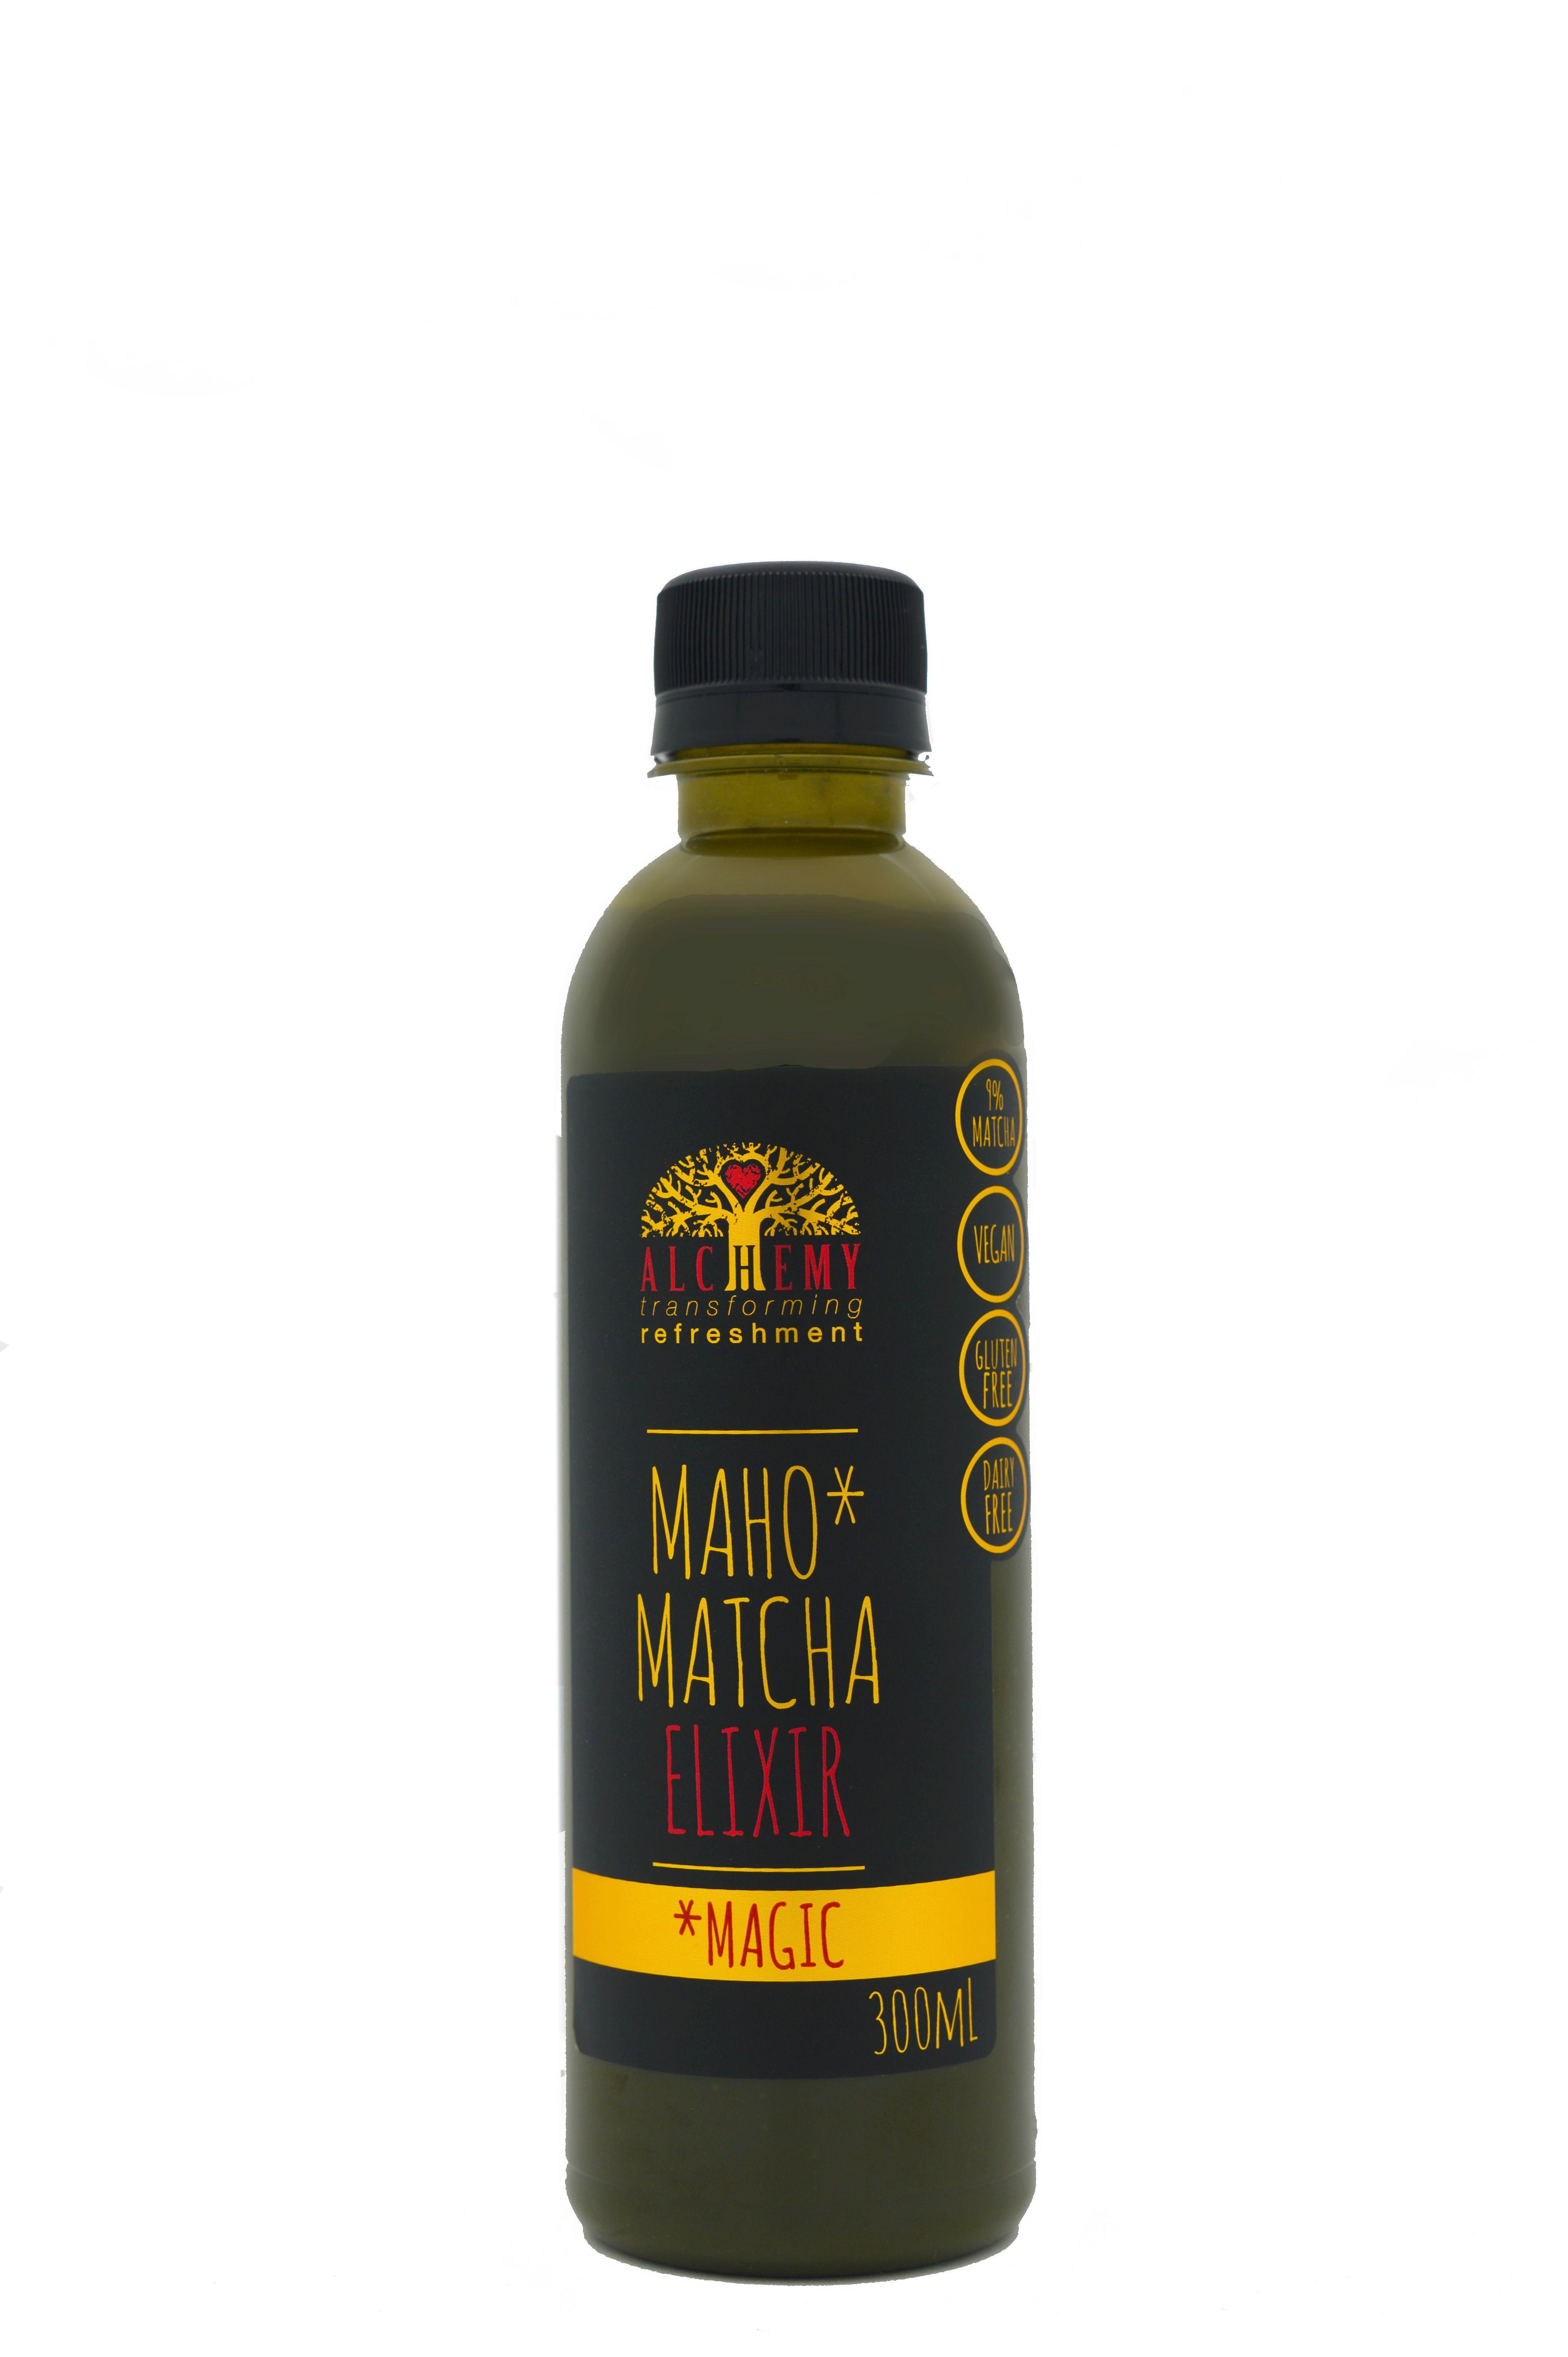 Alchemy Maho Matcha 300ml bottle